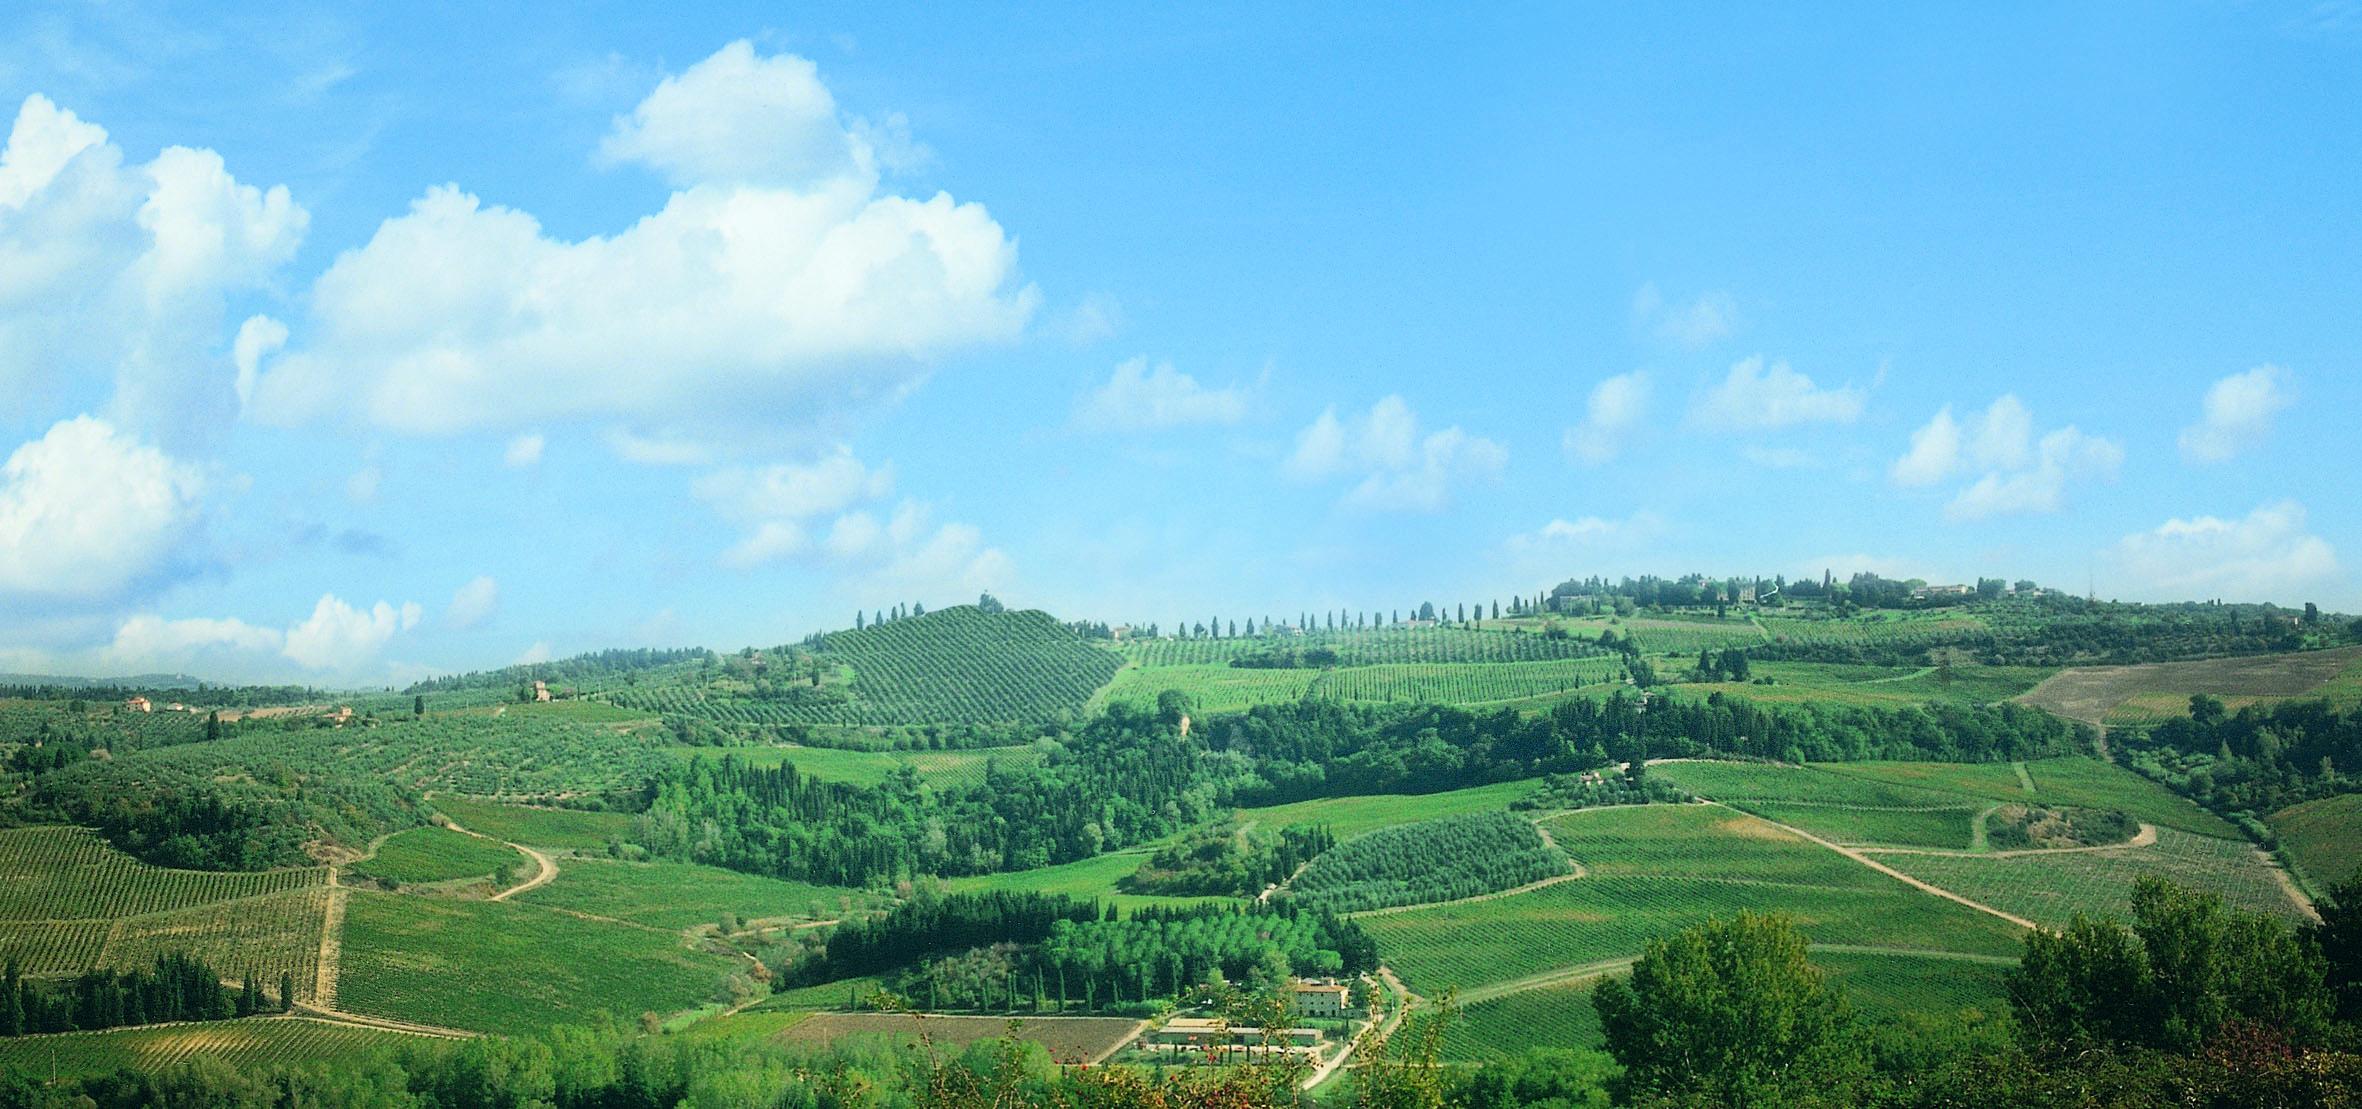 Turismo esperienziale sulle Strade del Vino di Toscana: è online il portale di prenotazione delle attività turistiche della Toscana